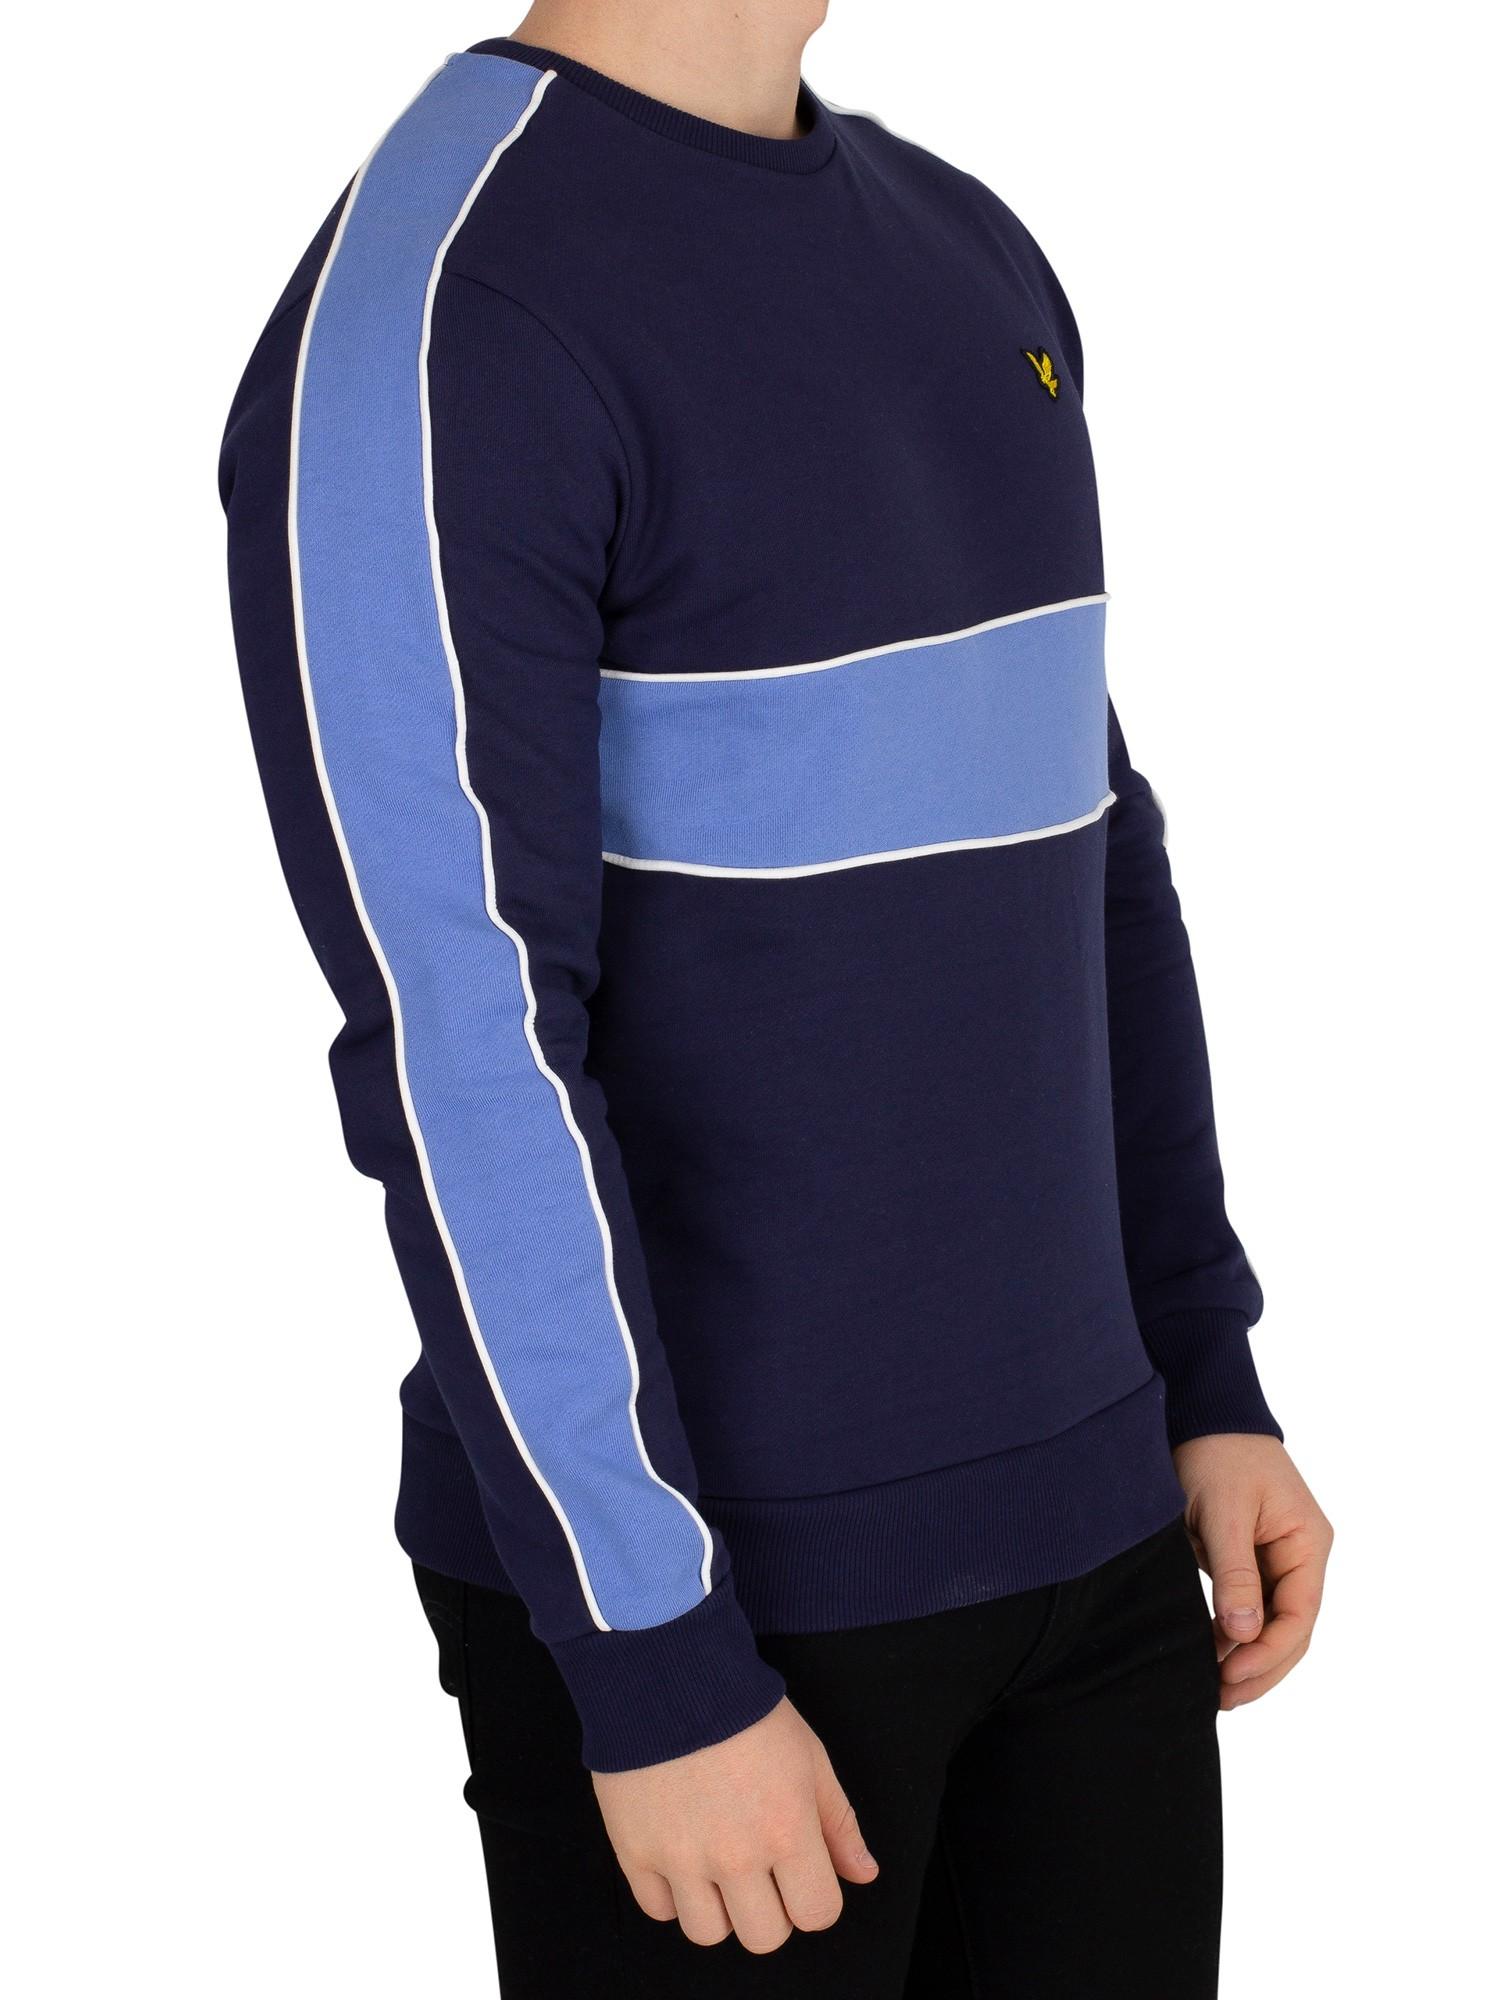 Lyle & & & Scott Herren Sweatshirt zuschneiden & nähen Blau 111911